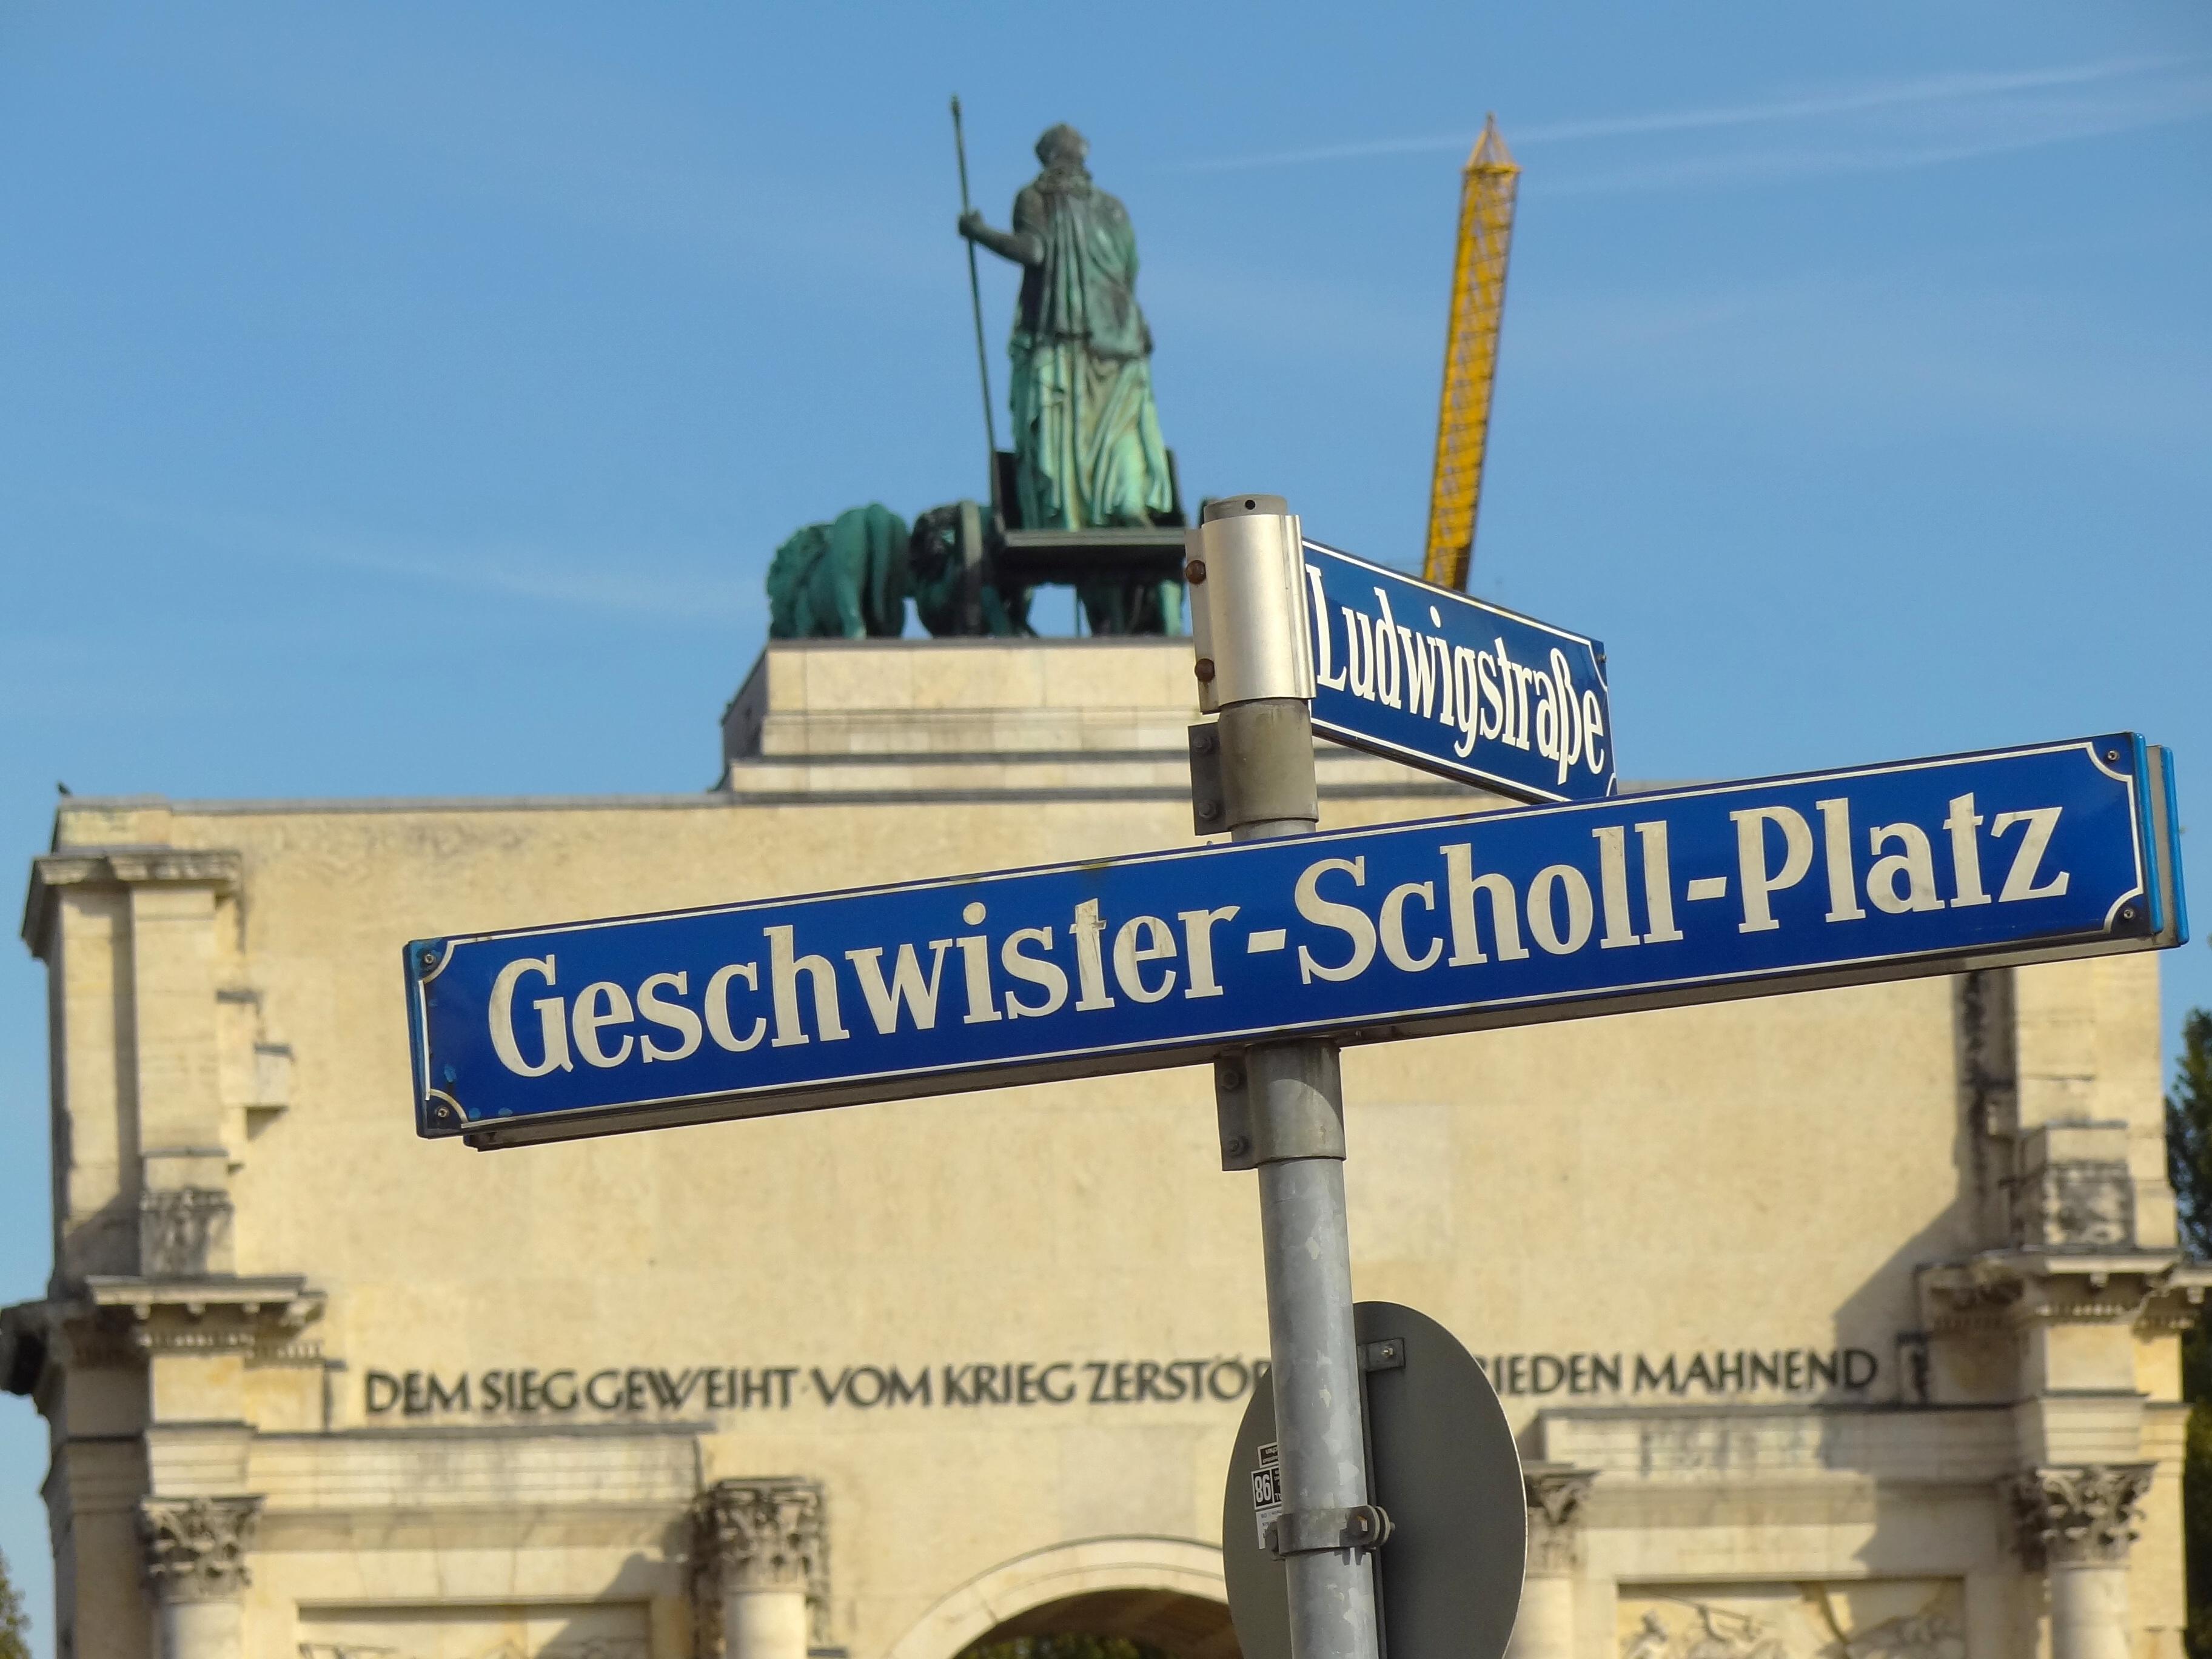 Geschwister-Scholl-Platz 1